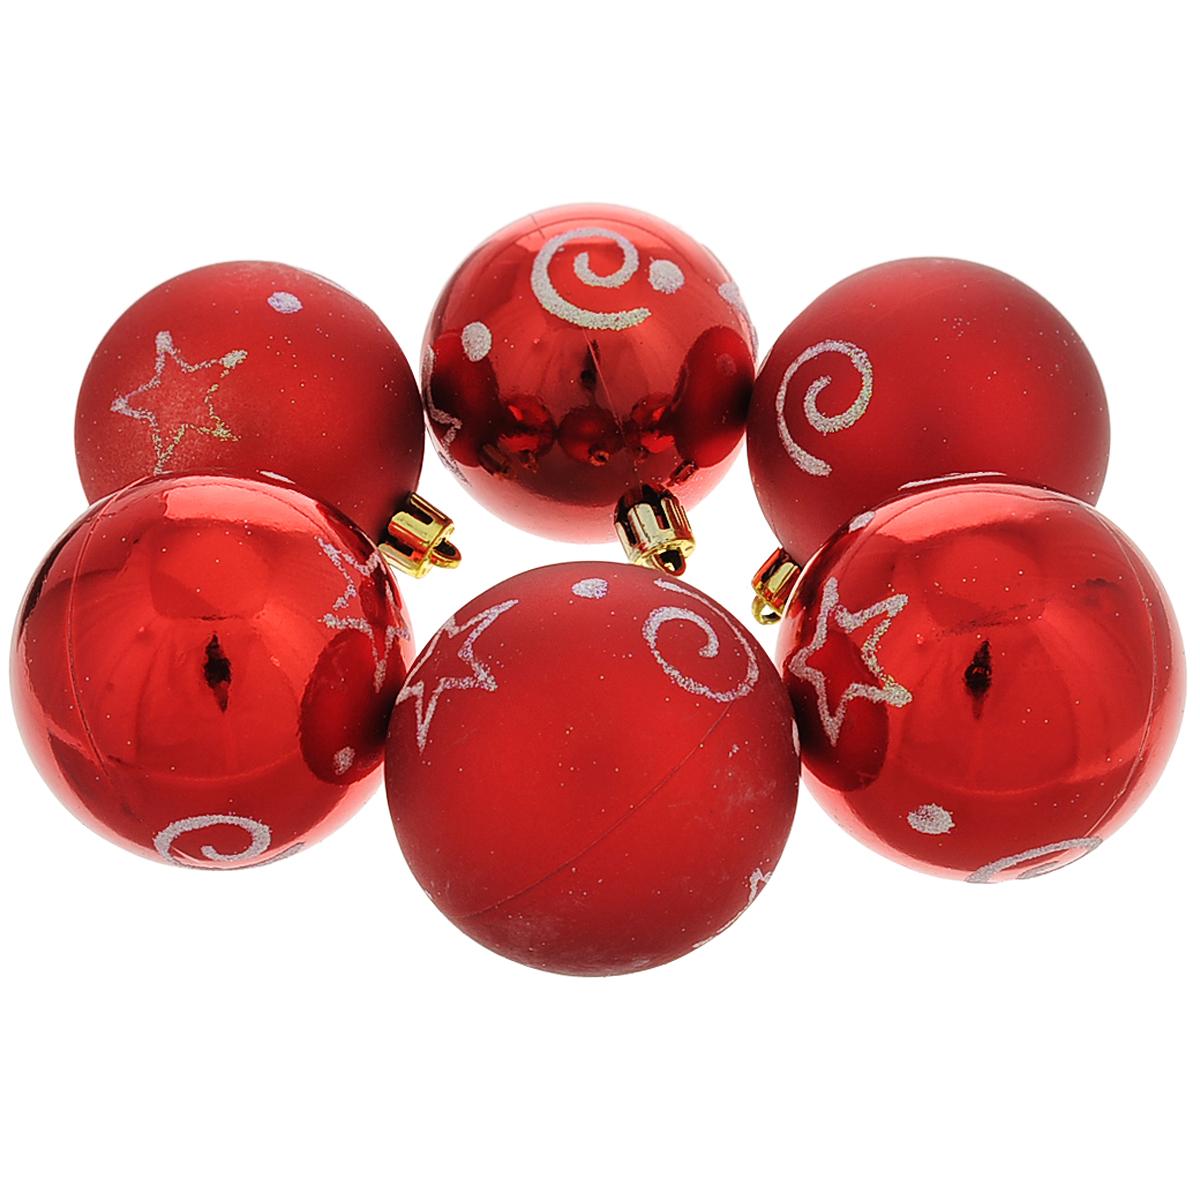 Набор новогодних подвесных украшений Шар, цвет: красный, серебристый, диаметр 6 см, 6 шт. 3550335503Набор новогодних подвесных украшений Шар прекрасно подойдет для праздничного декора новогодней ели. Состоит из шести шаров. Елочная игрушка - символ Нового года. Она несет в себе волшебство и красоту праздника. Создайте в своем доме атмосферу веселья и радости, украшая новогоднюю елку нарядными игрушками, которые будут из года в год накапливать теплоту воспоминаний. Коллекция декоративных украшений принесет в ваш дом ни с чем несравнимое ощущение волшебства! Откройте для себя удивительный мир сказок и грез. Почувствуйте волшебные минуты ожидания праздника, создайте новогоднее настроение вашим дорогим и близким.